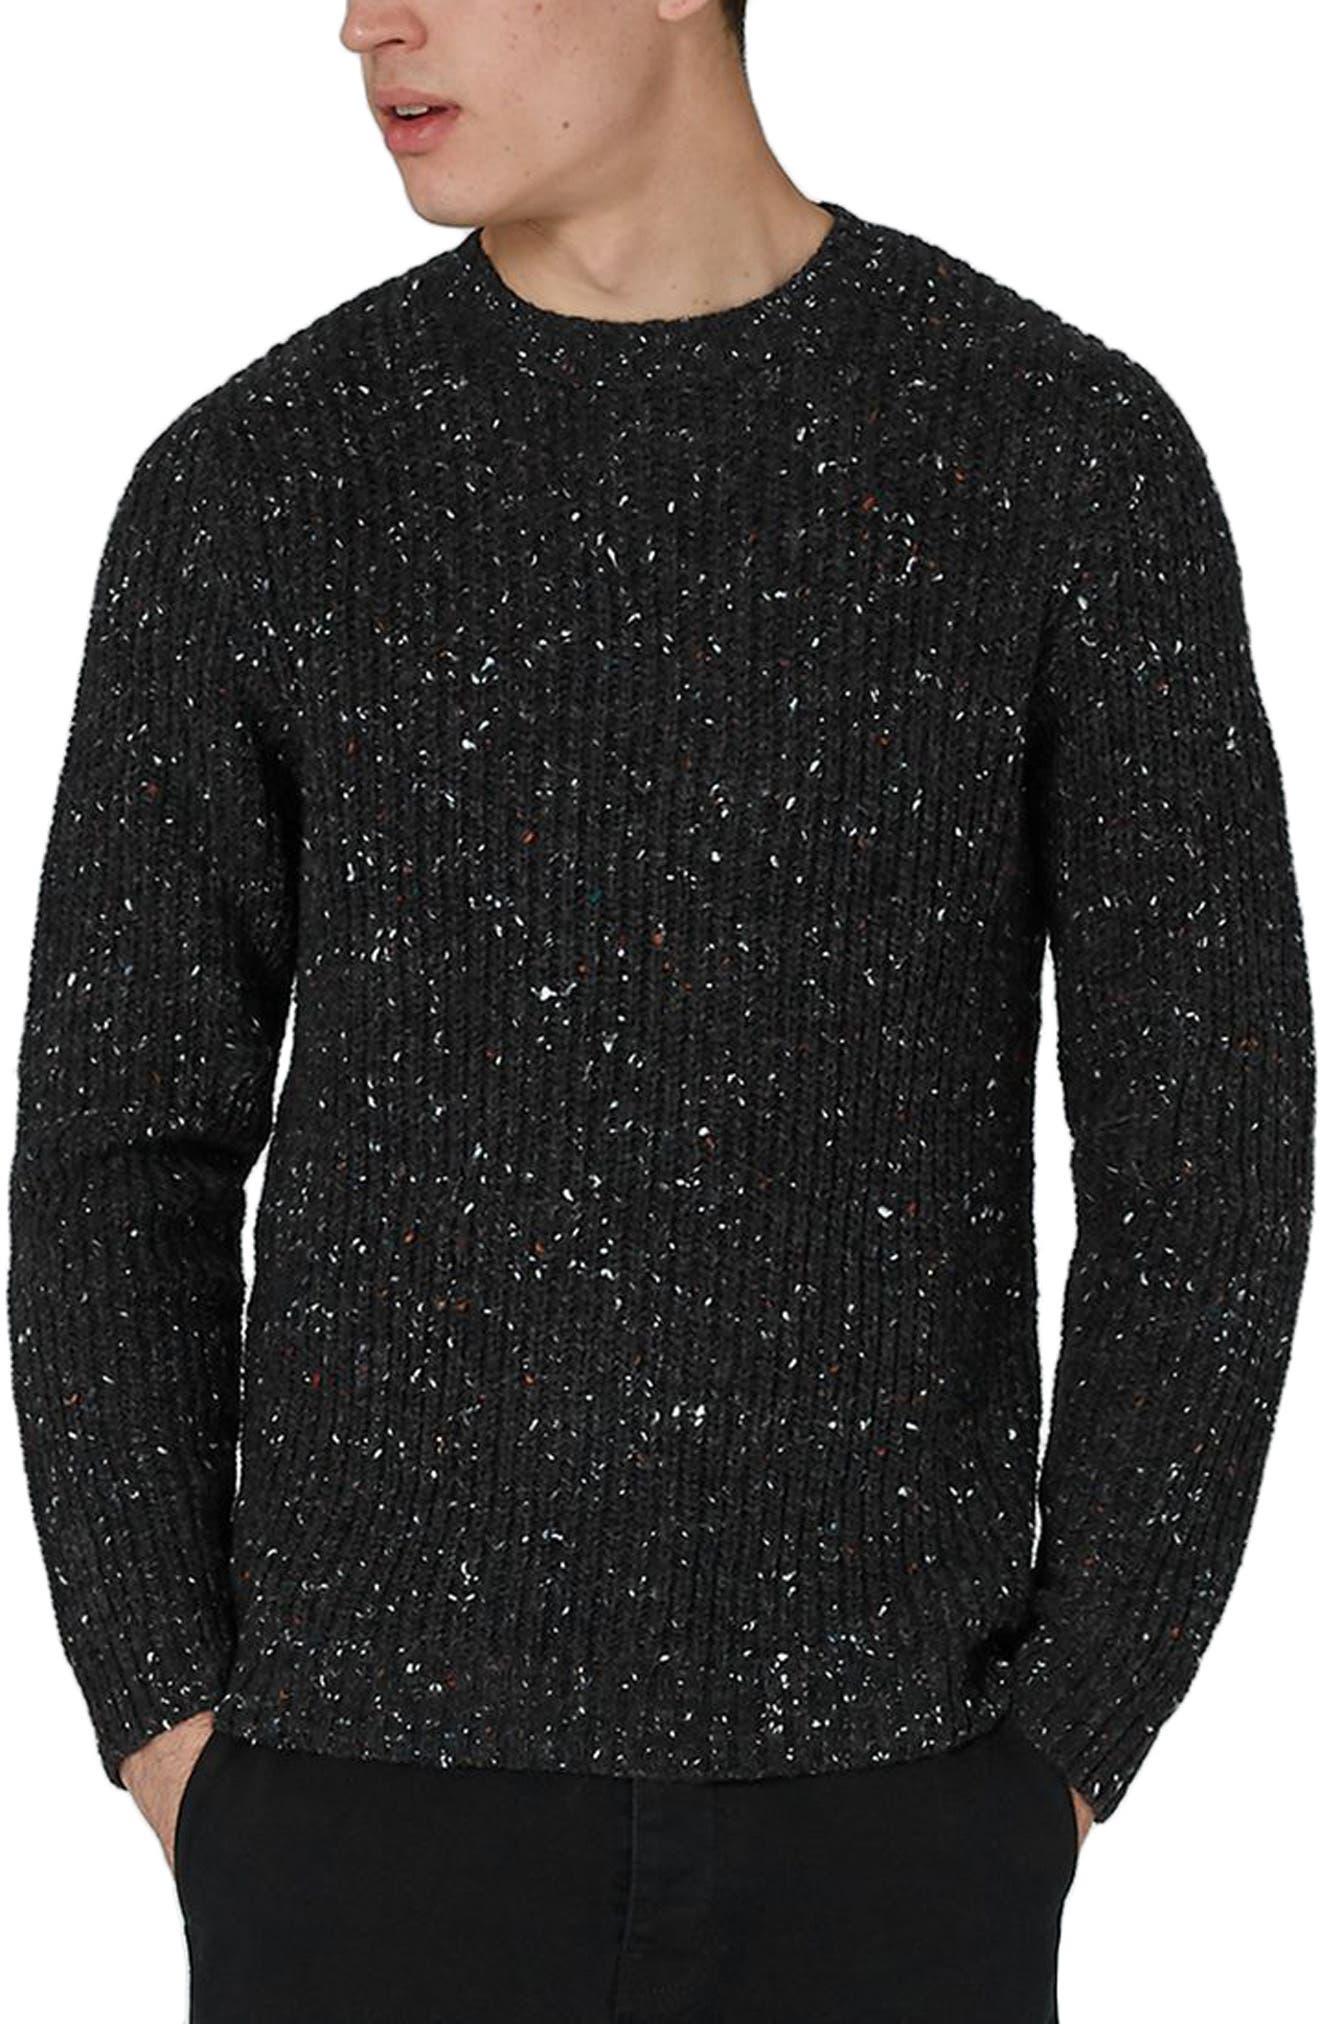 Premium Fisherman Sweater,                             Main thumbnail 1, color,                             021